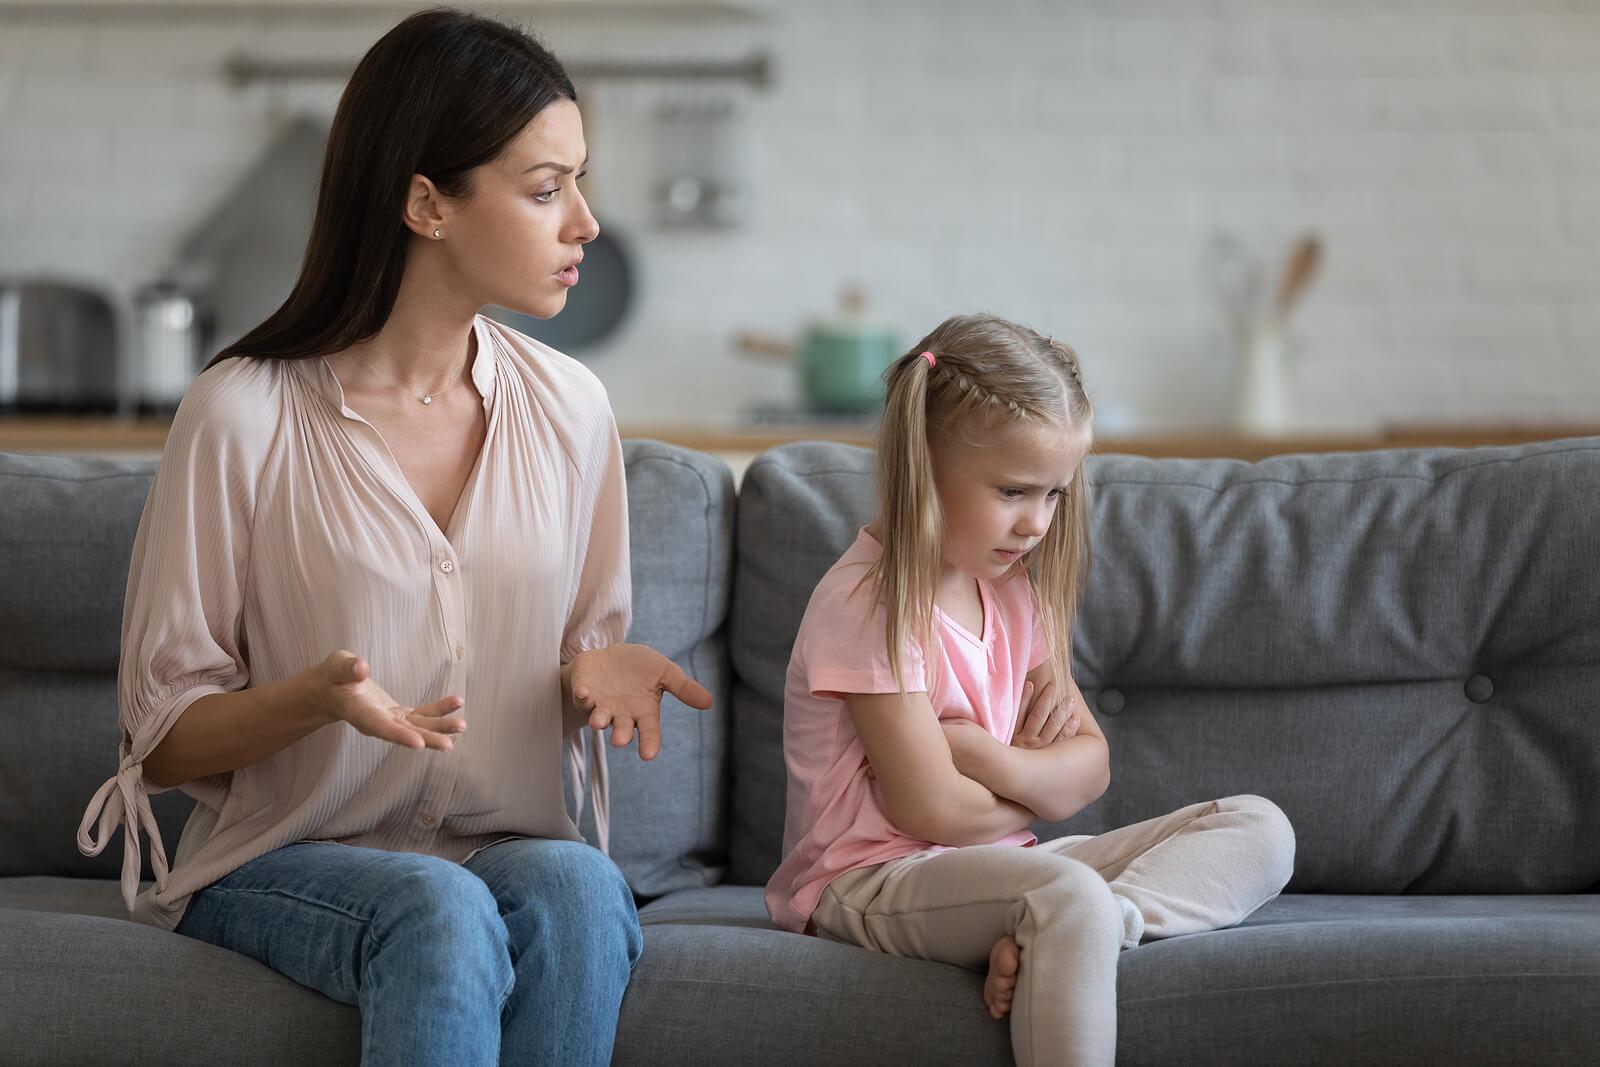 Madre regañando y educando a su hija tras su mal comportamiento.